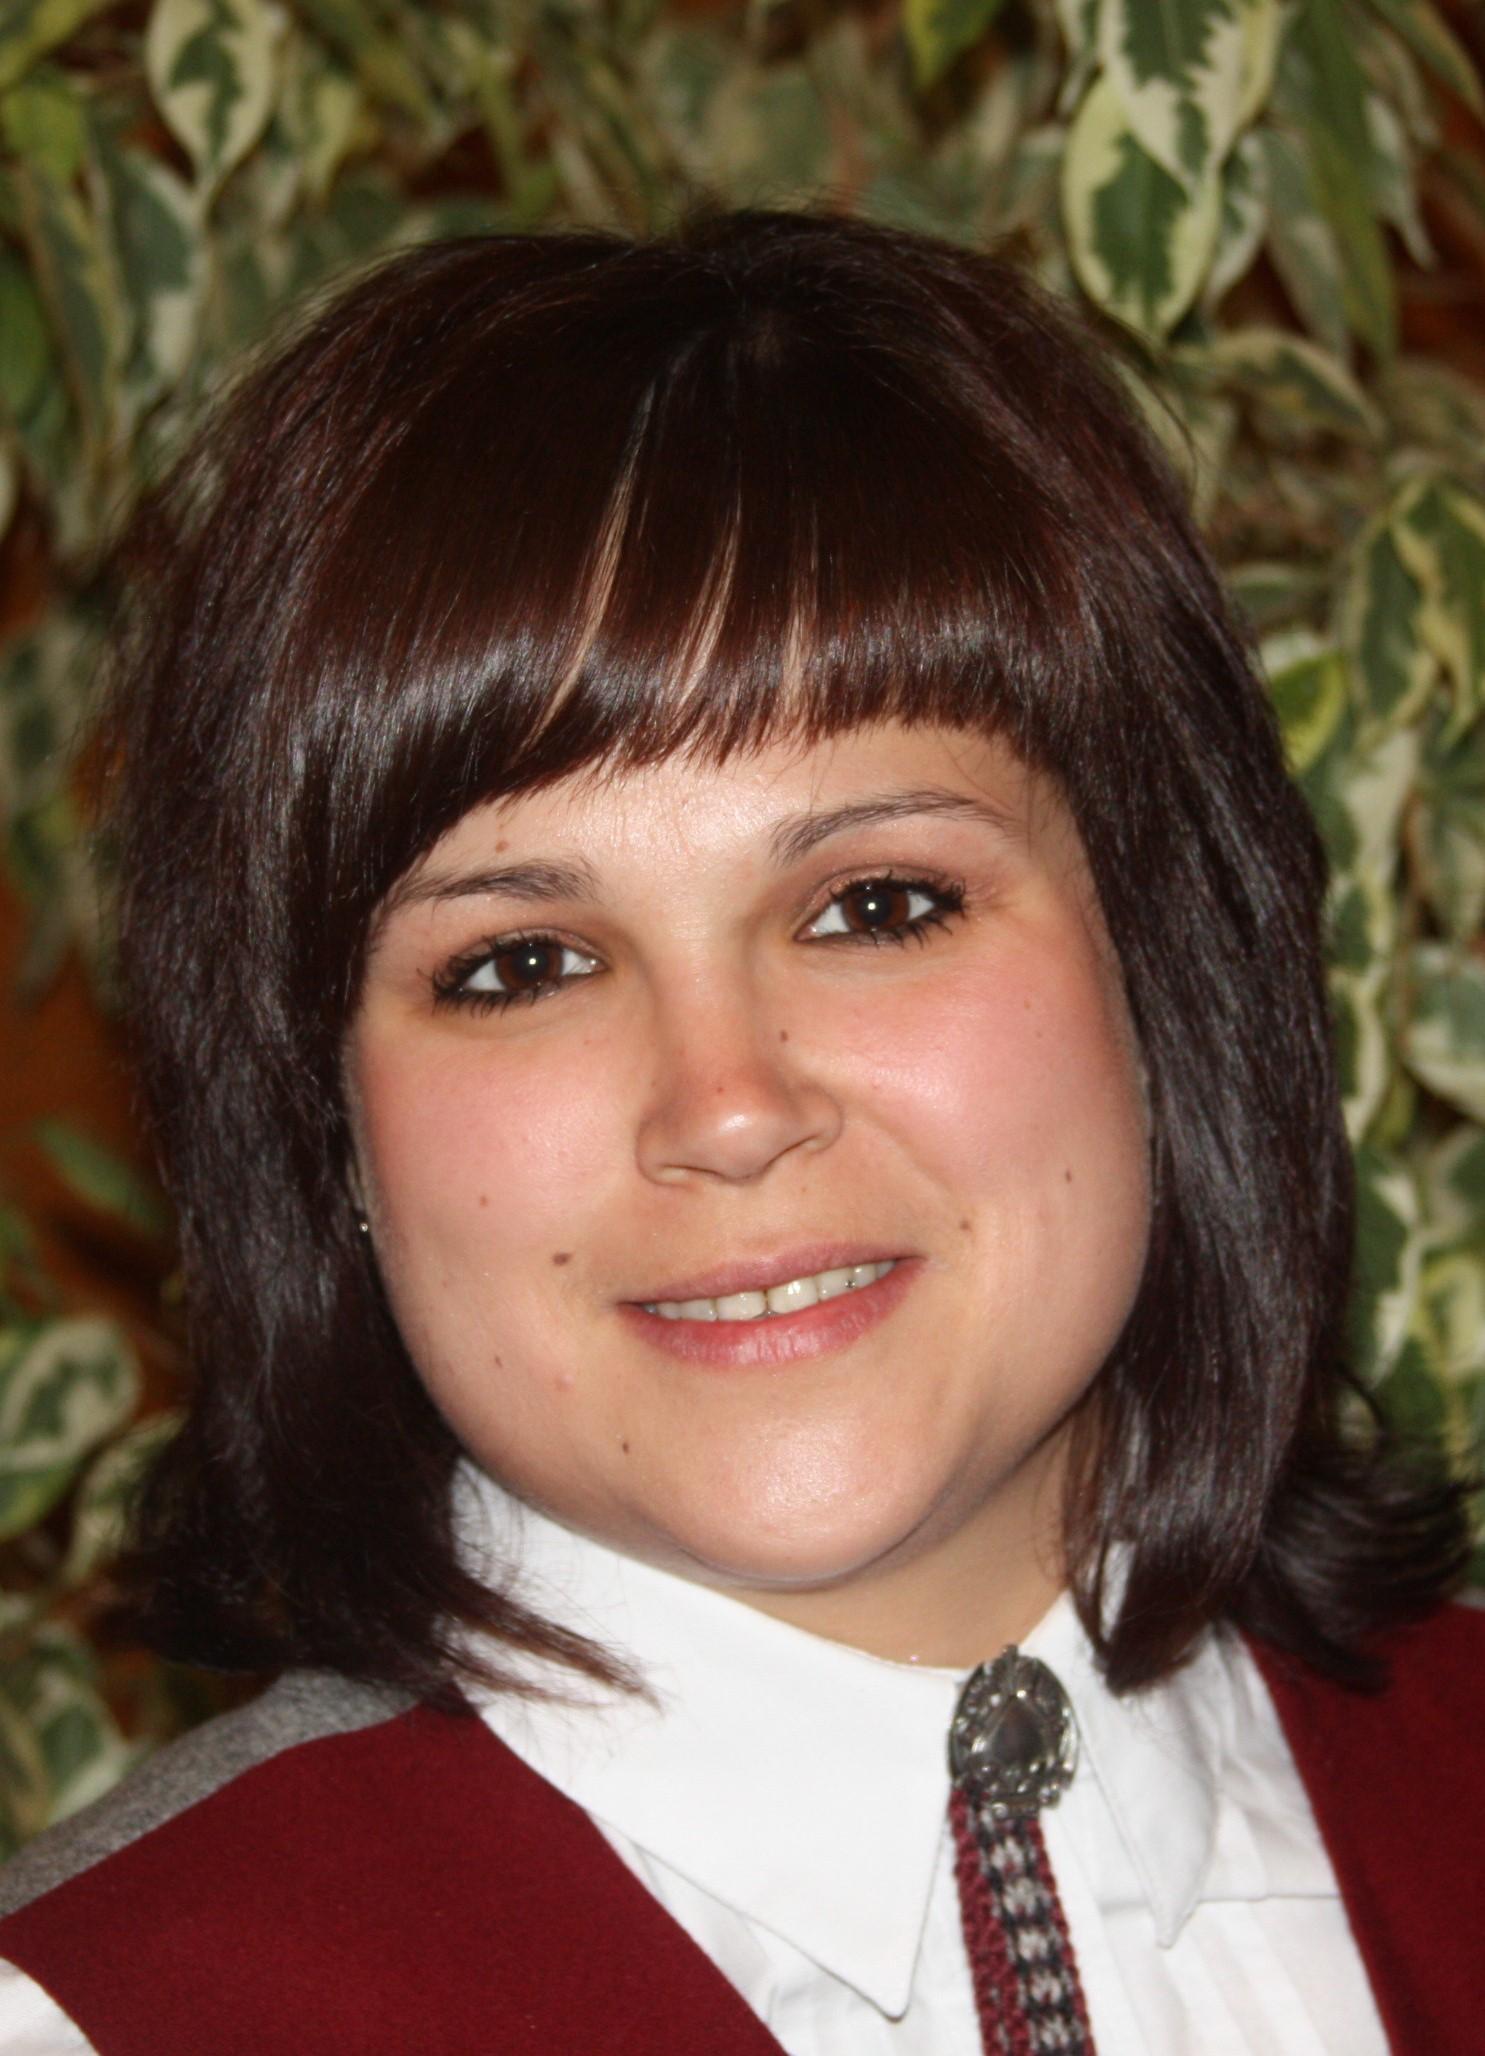 Melanie Kohlweiß